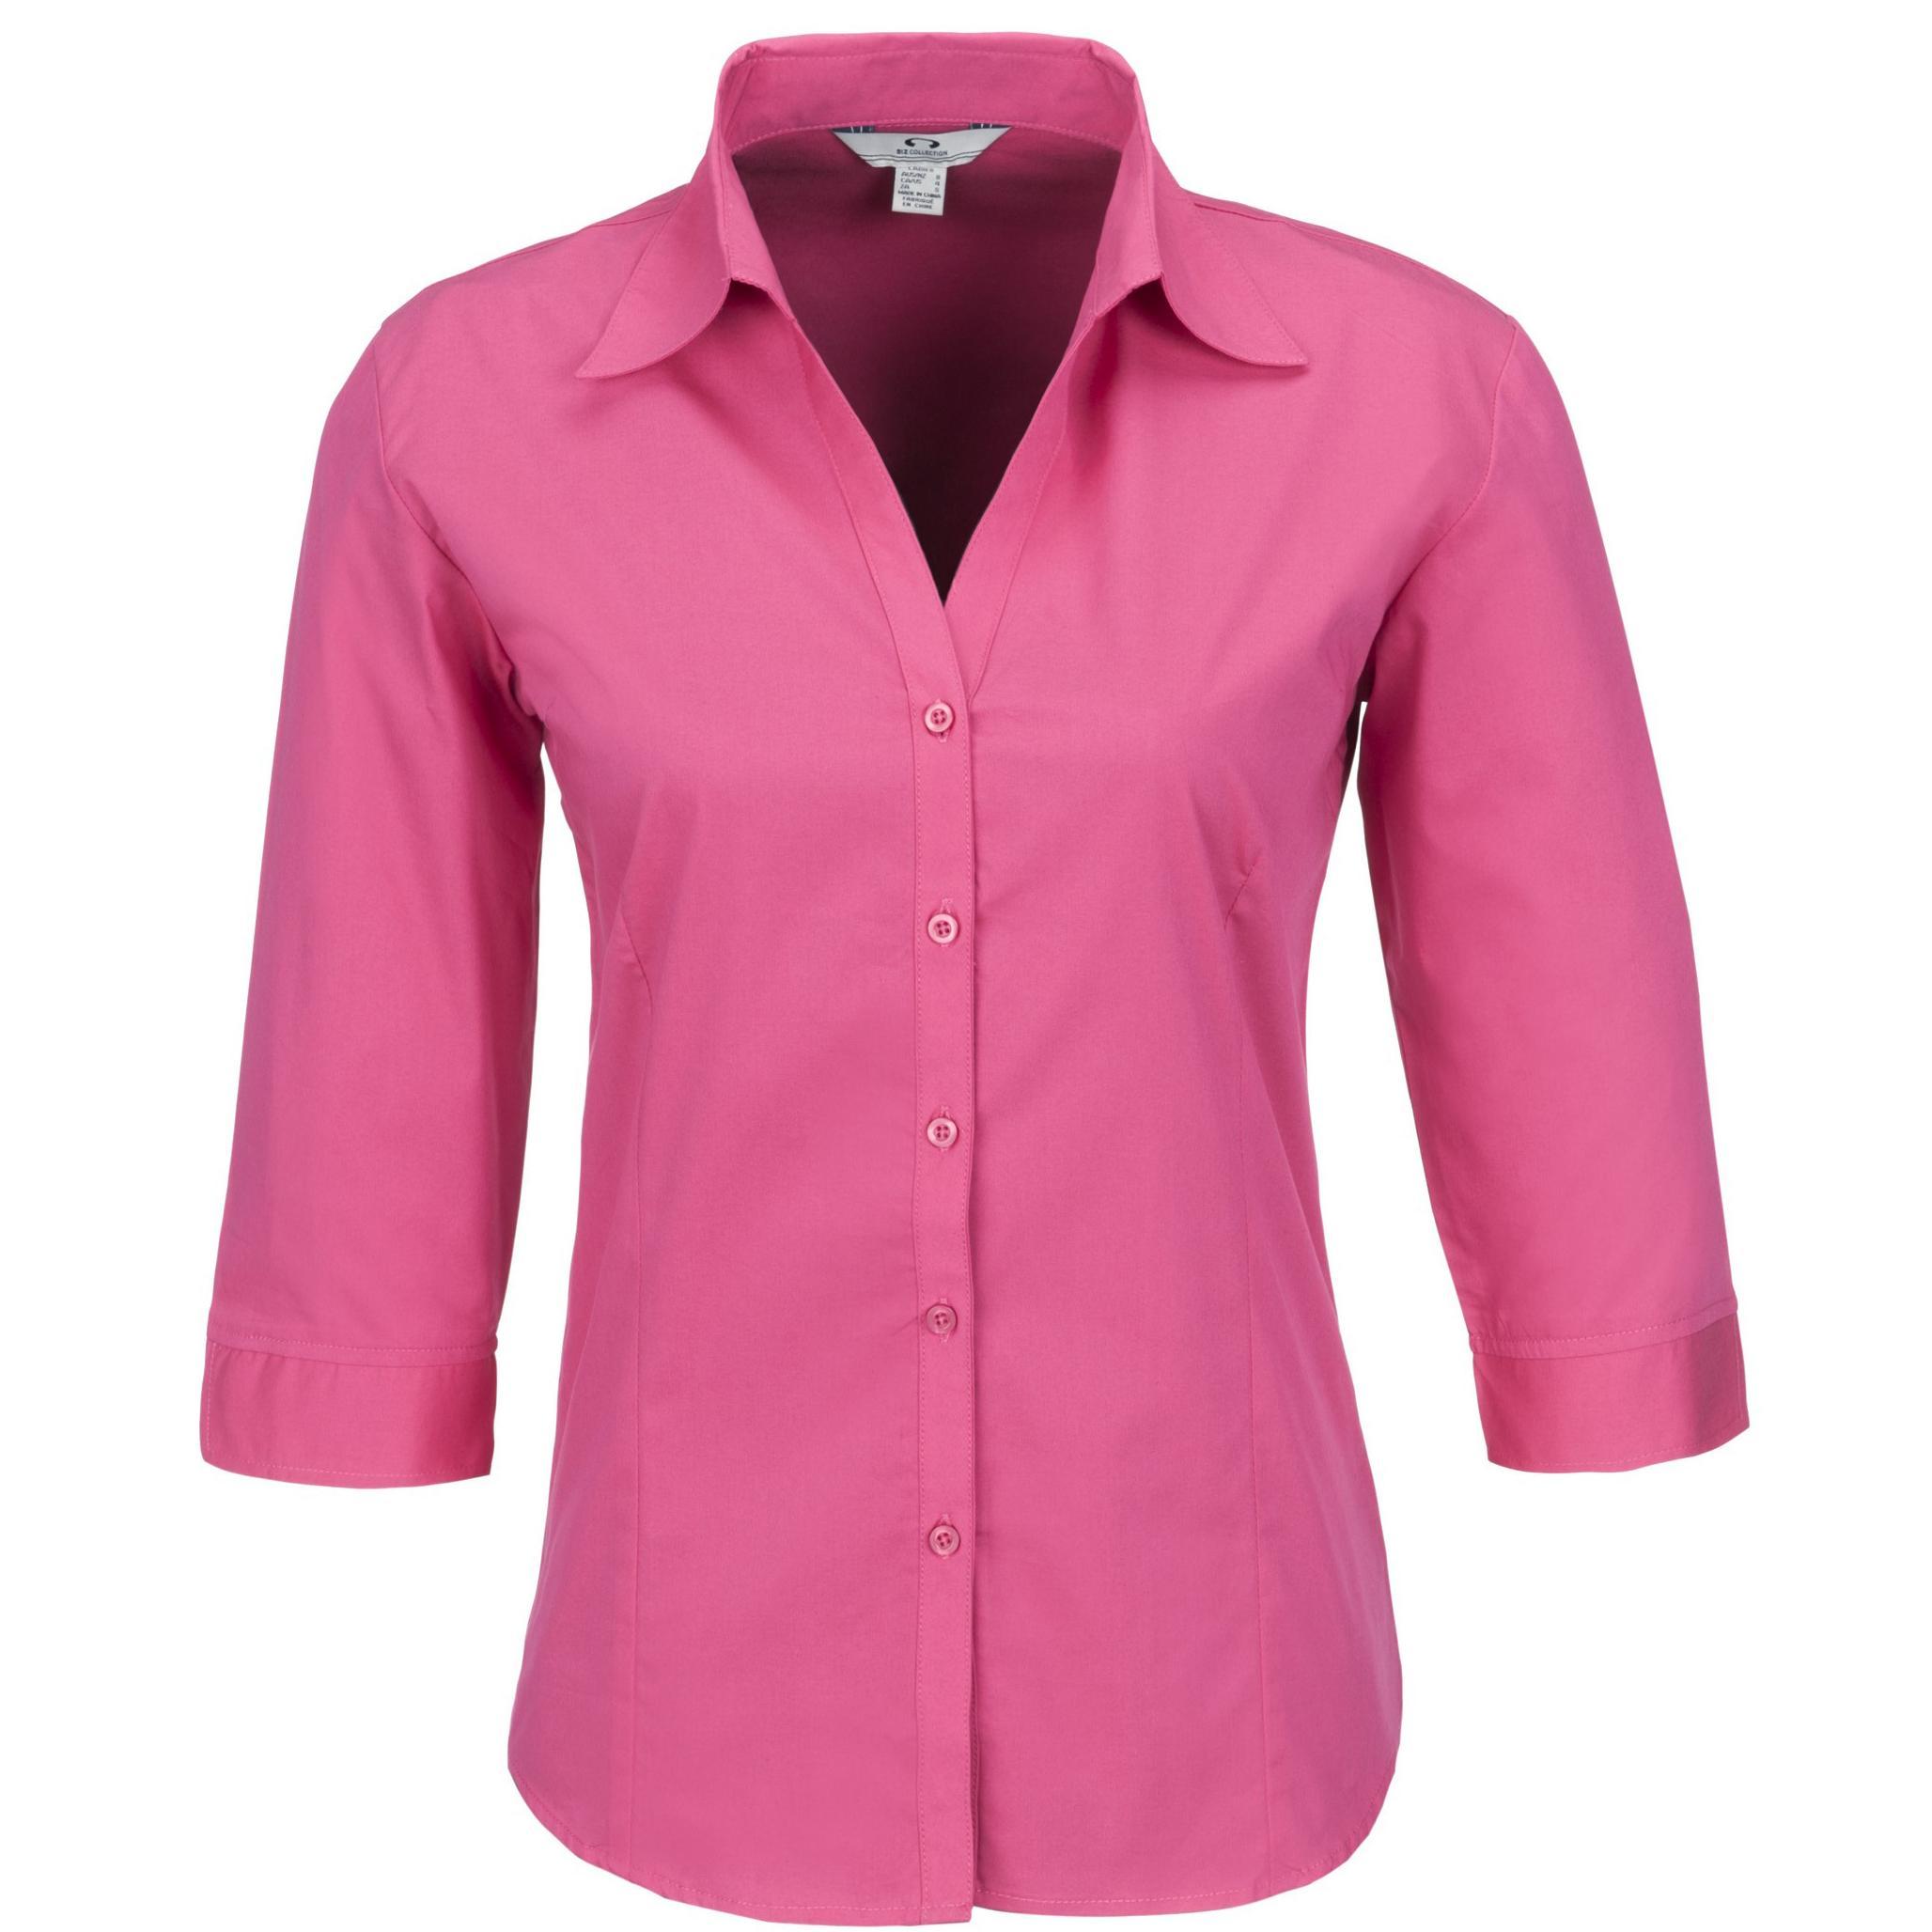 Ladies 3/4 Sleeve Metro Shirt - Fuscia Only